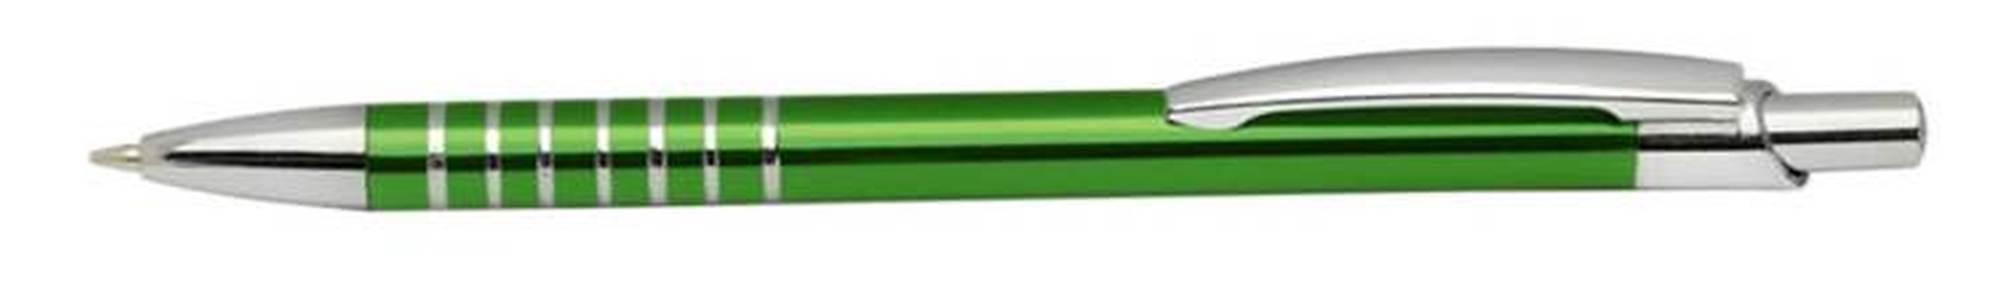 Długopis reklamowy metalowy – 19452